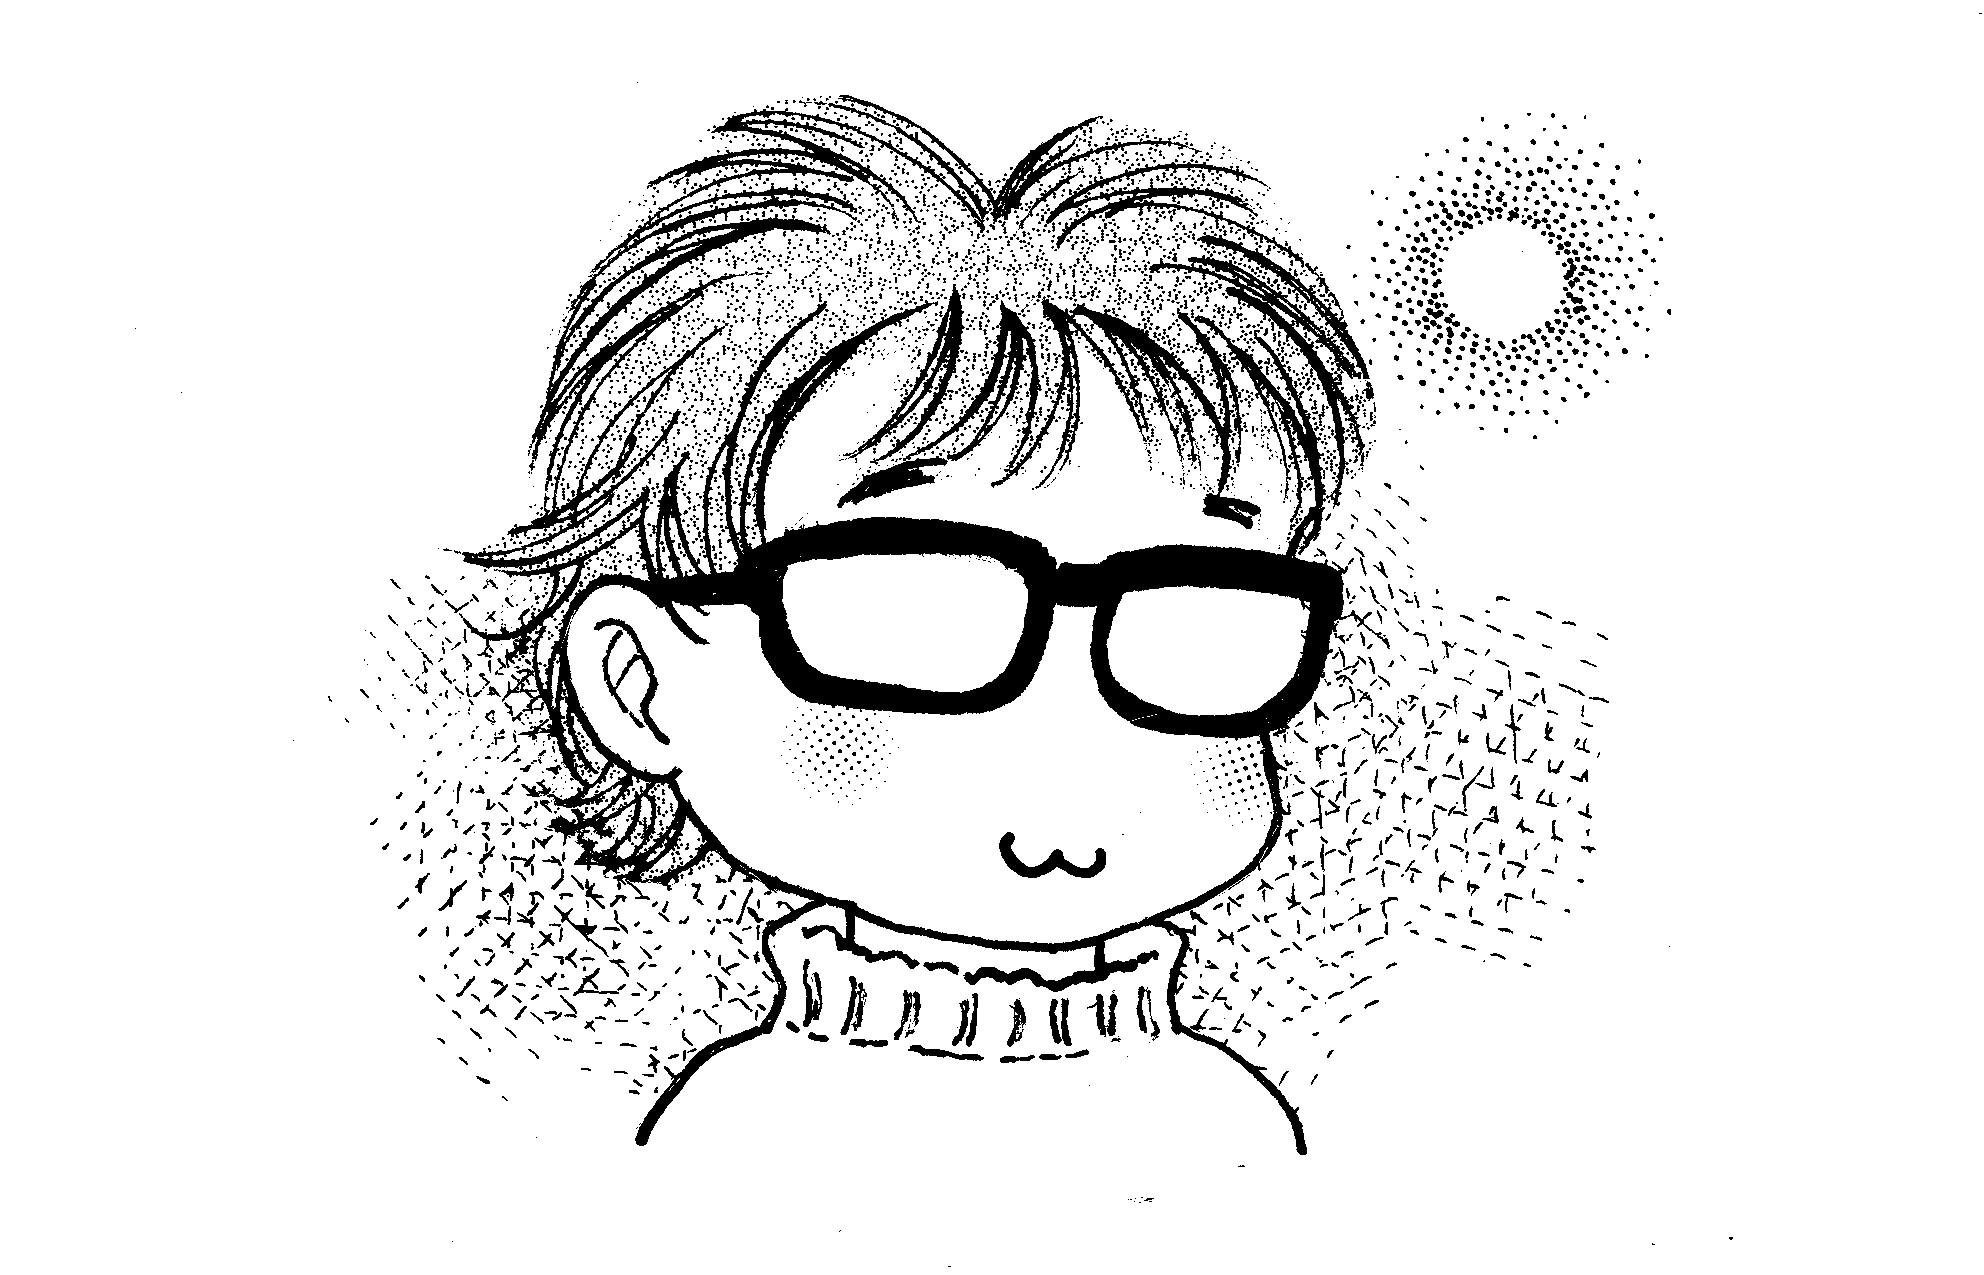 【前編】「1年で結果を出せなかったらあきらめようと思ってた」流しのマンガ描き・さいきまこさんが語る「私の綱渡りまんが道」